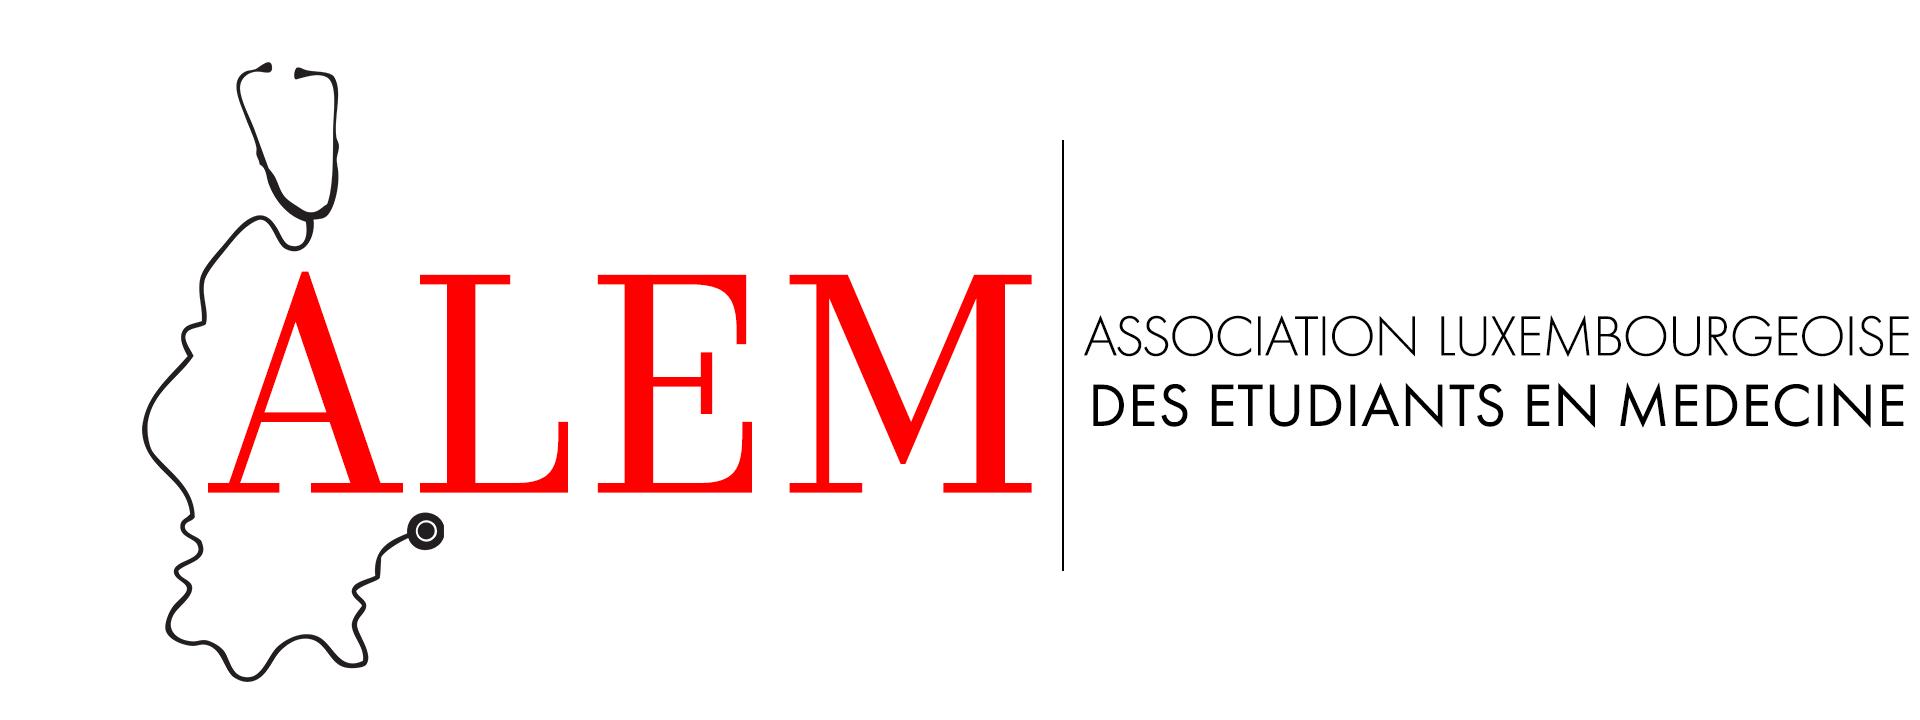 Association Luxembourgeoise des Etudiants en Médecine